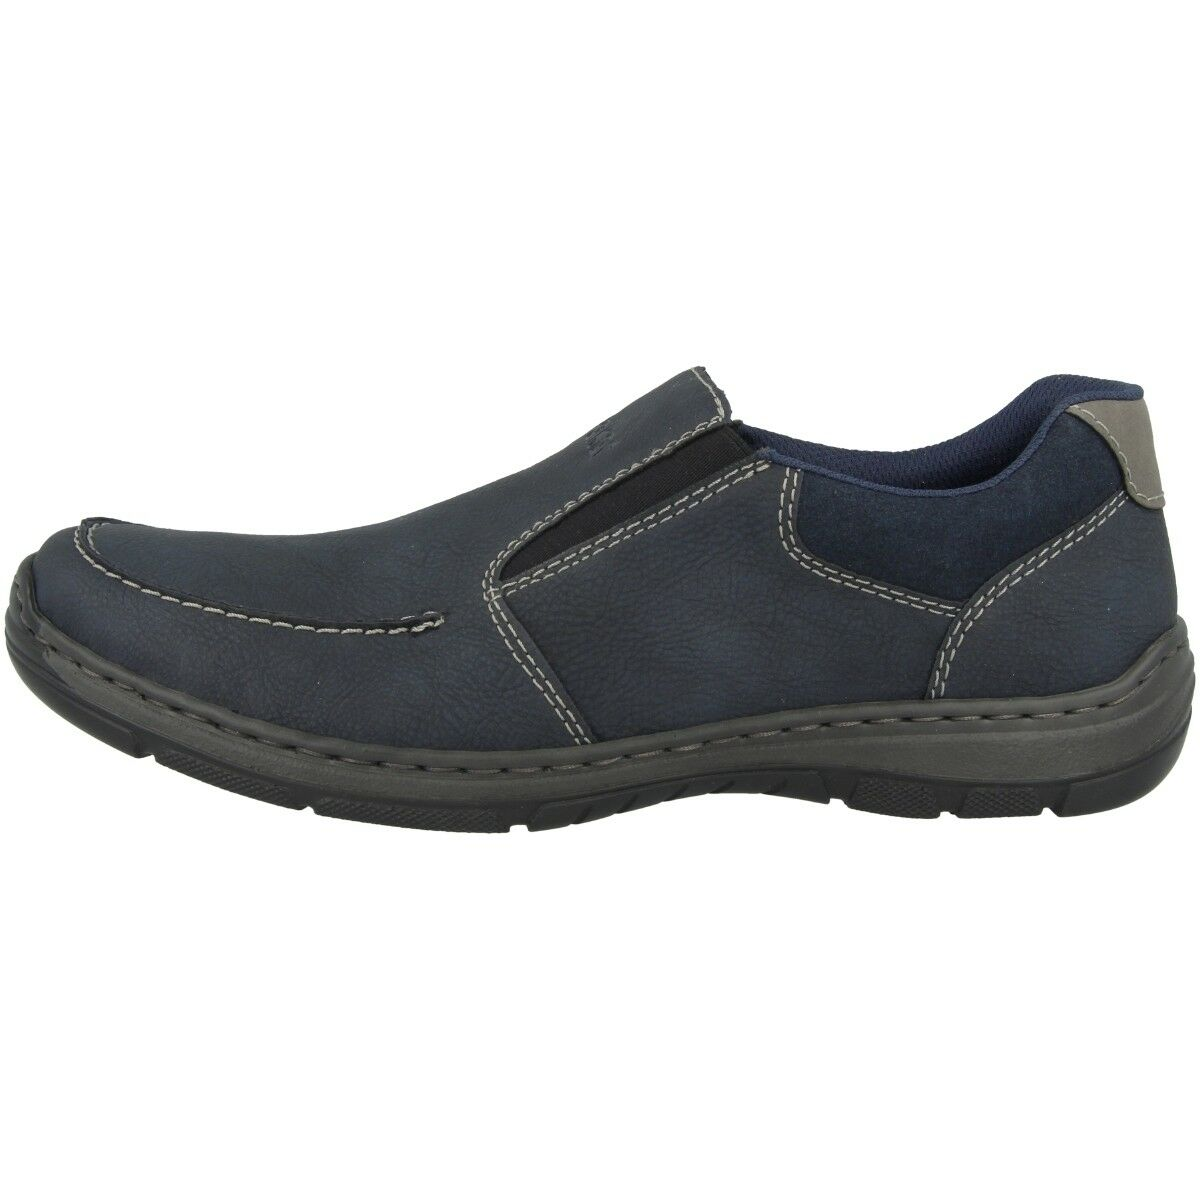 Rieker Derby-Virage-Bastia Zapatos Hombre Bajos 15250-14 Estilo Pantuflas Azul 15250-14 Bajos 31f489